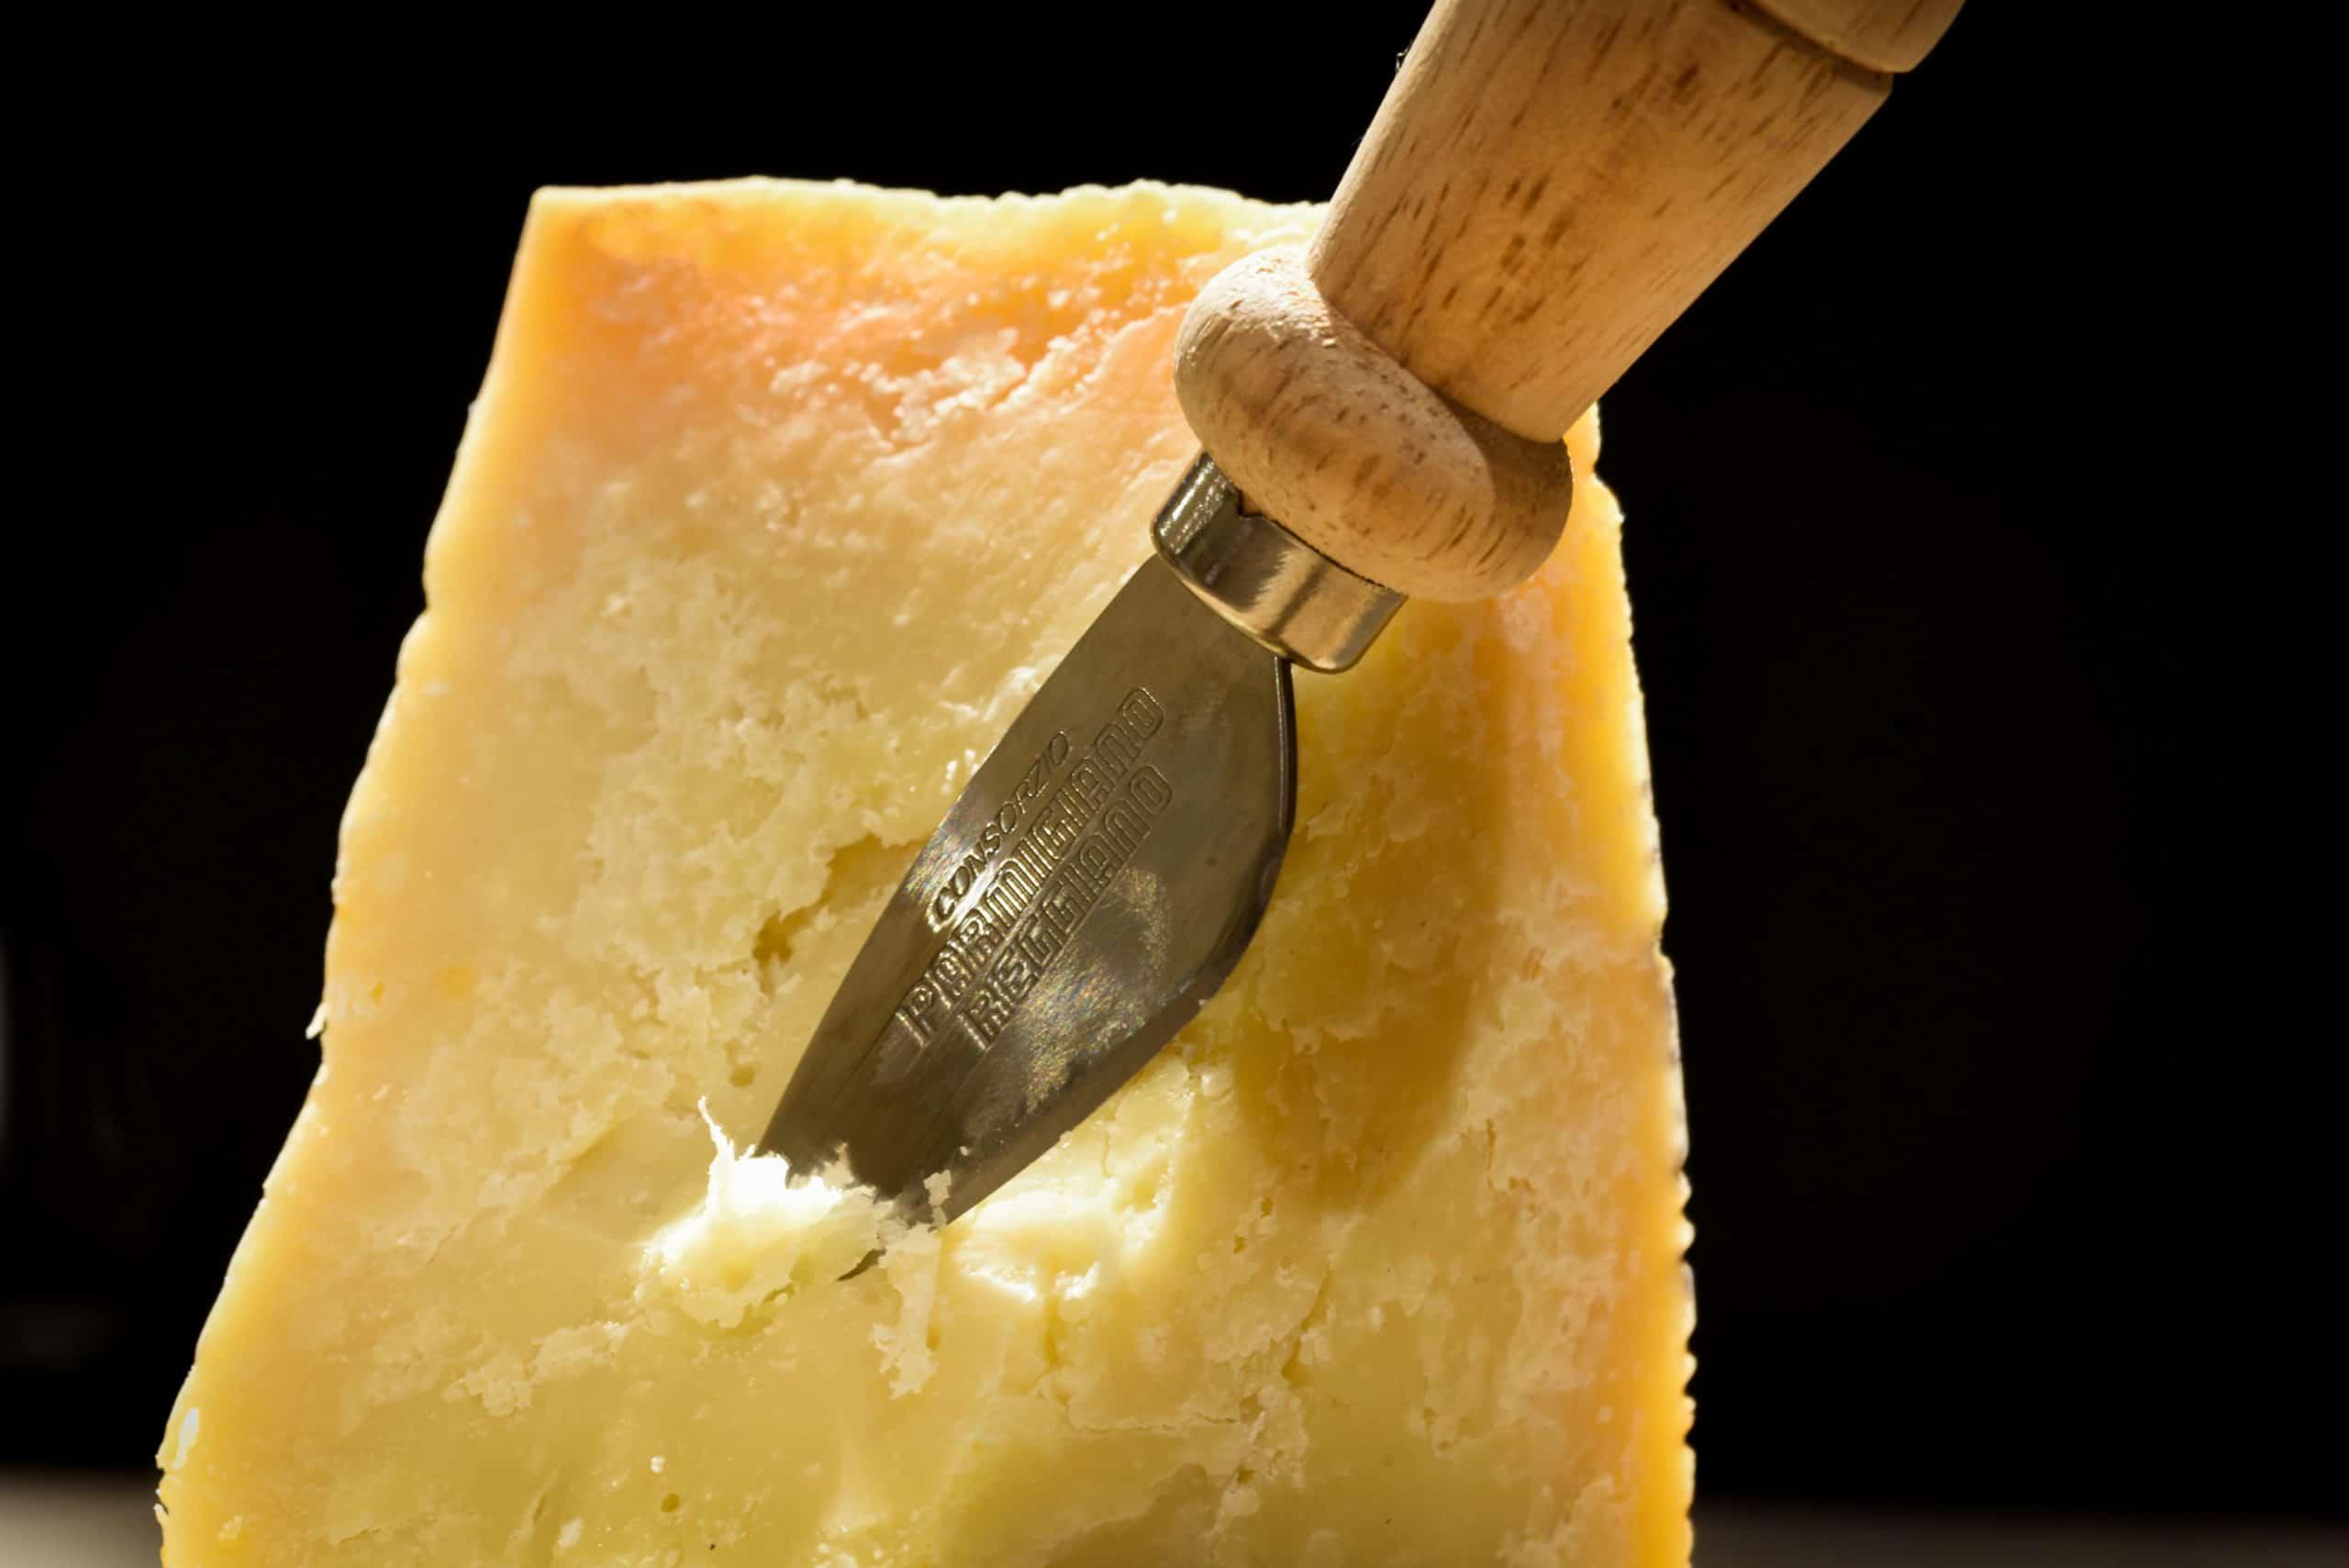 bloc de parmesan entrain d'être découpé